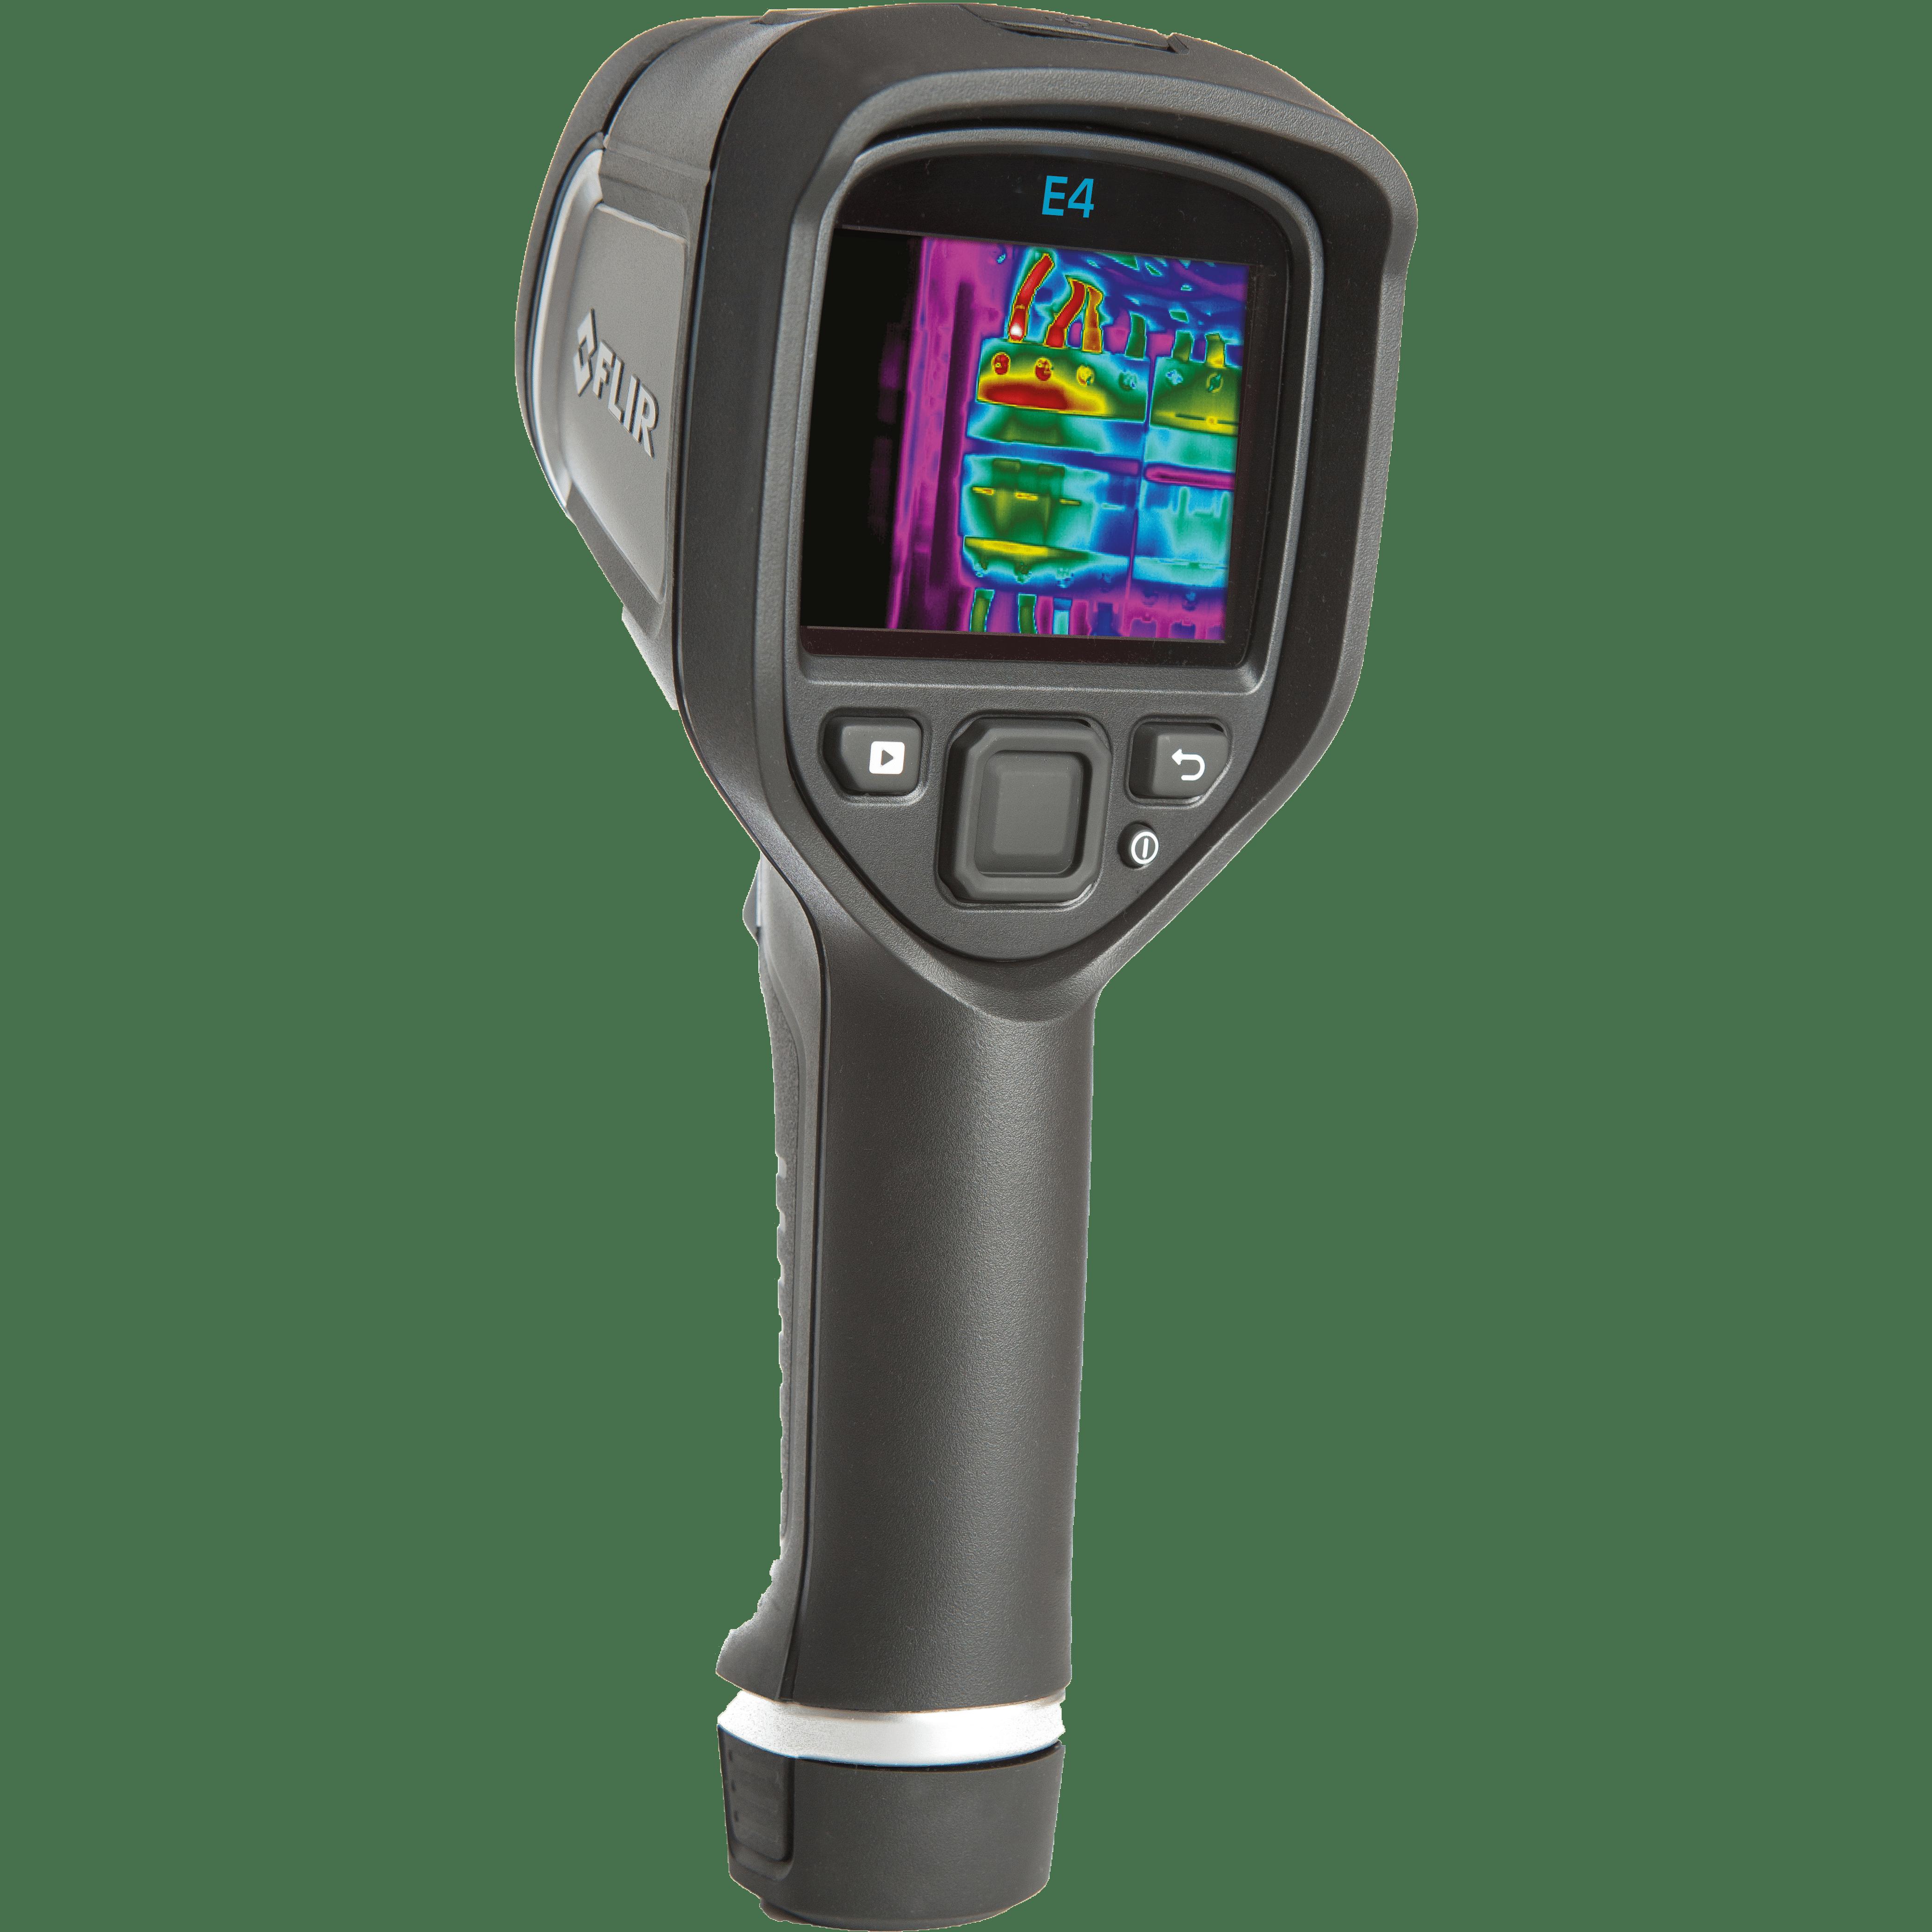 FLIR E4 WiFi Thermal Imaging Camera